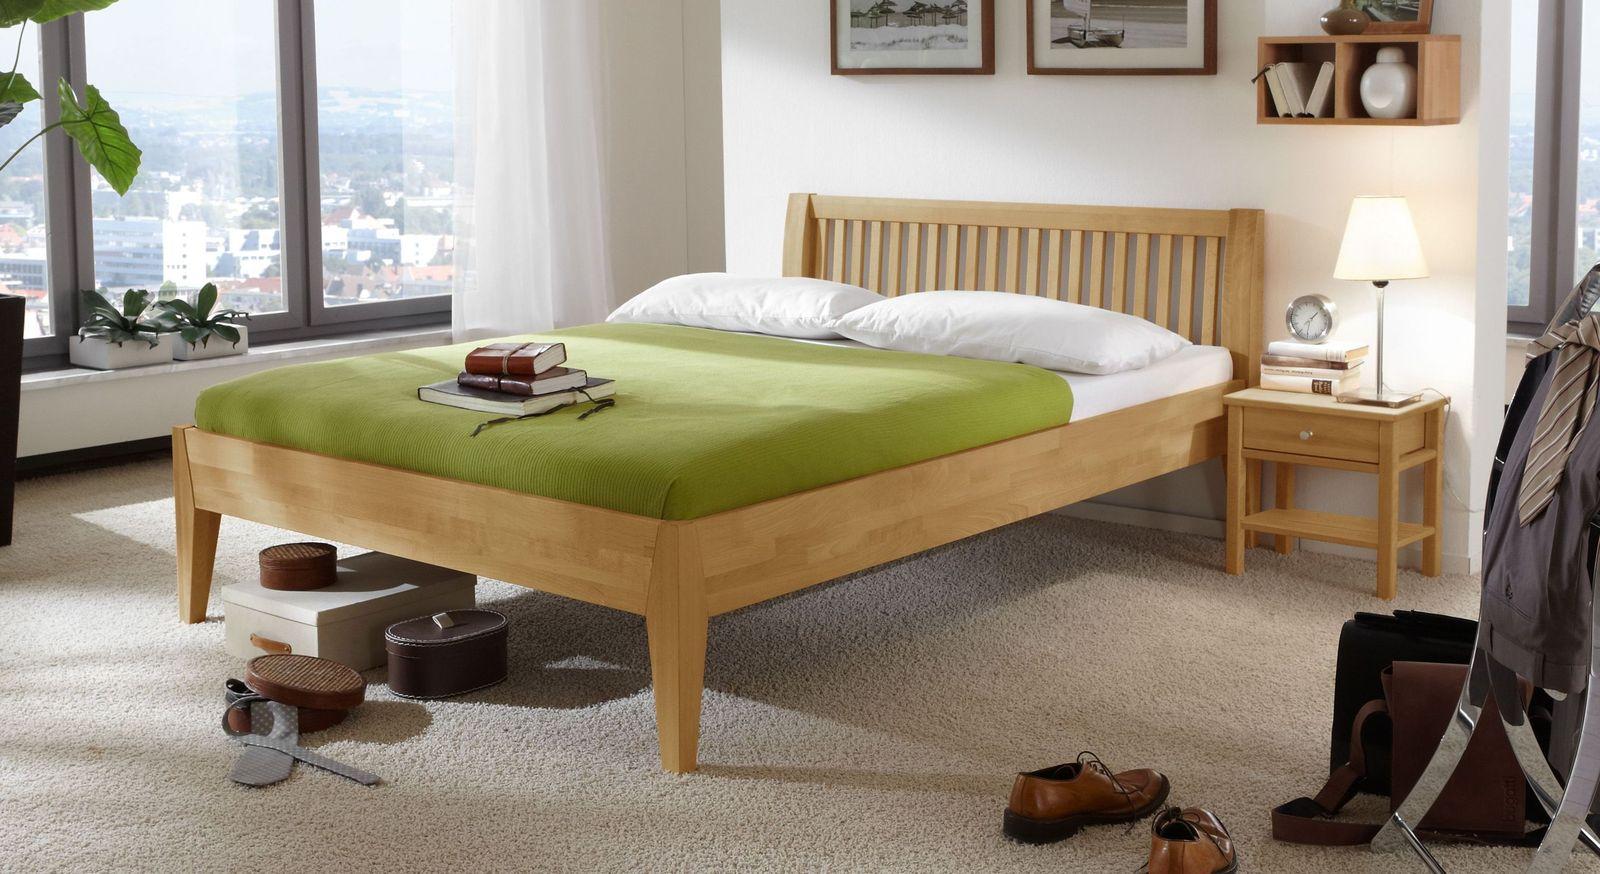 Full Size of Massivholzbett Glarus Aus Buche Baza Bett Betten 140x200 2m X Rauch 180x200 Bettkasten Amerikanische Gebrauchte 90x190 Amazon 200x220 Dänisches Bettenlager Bett Bett Buche